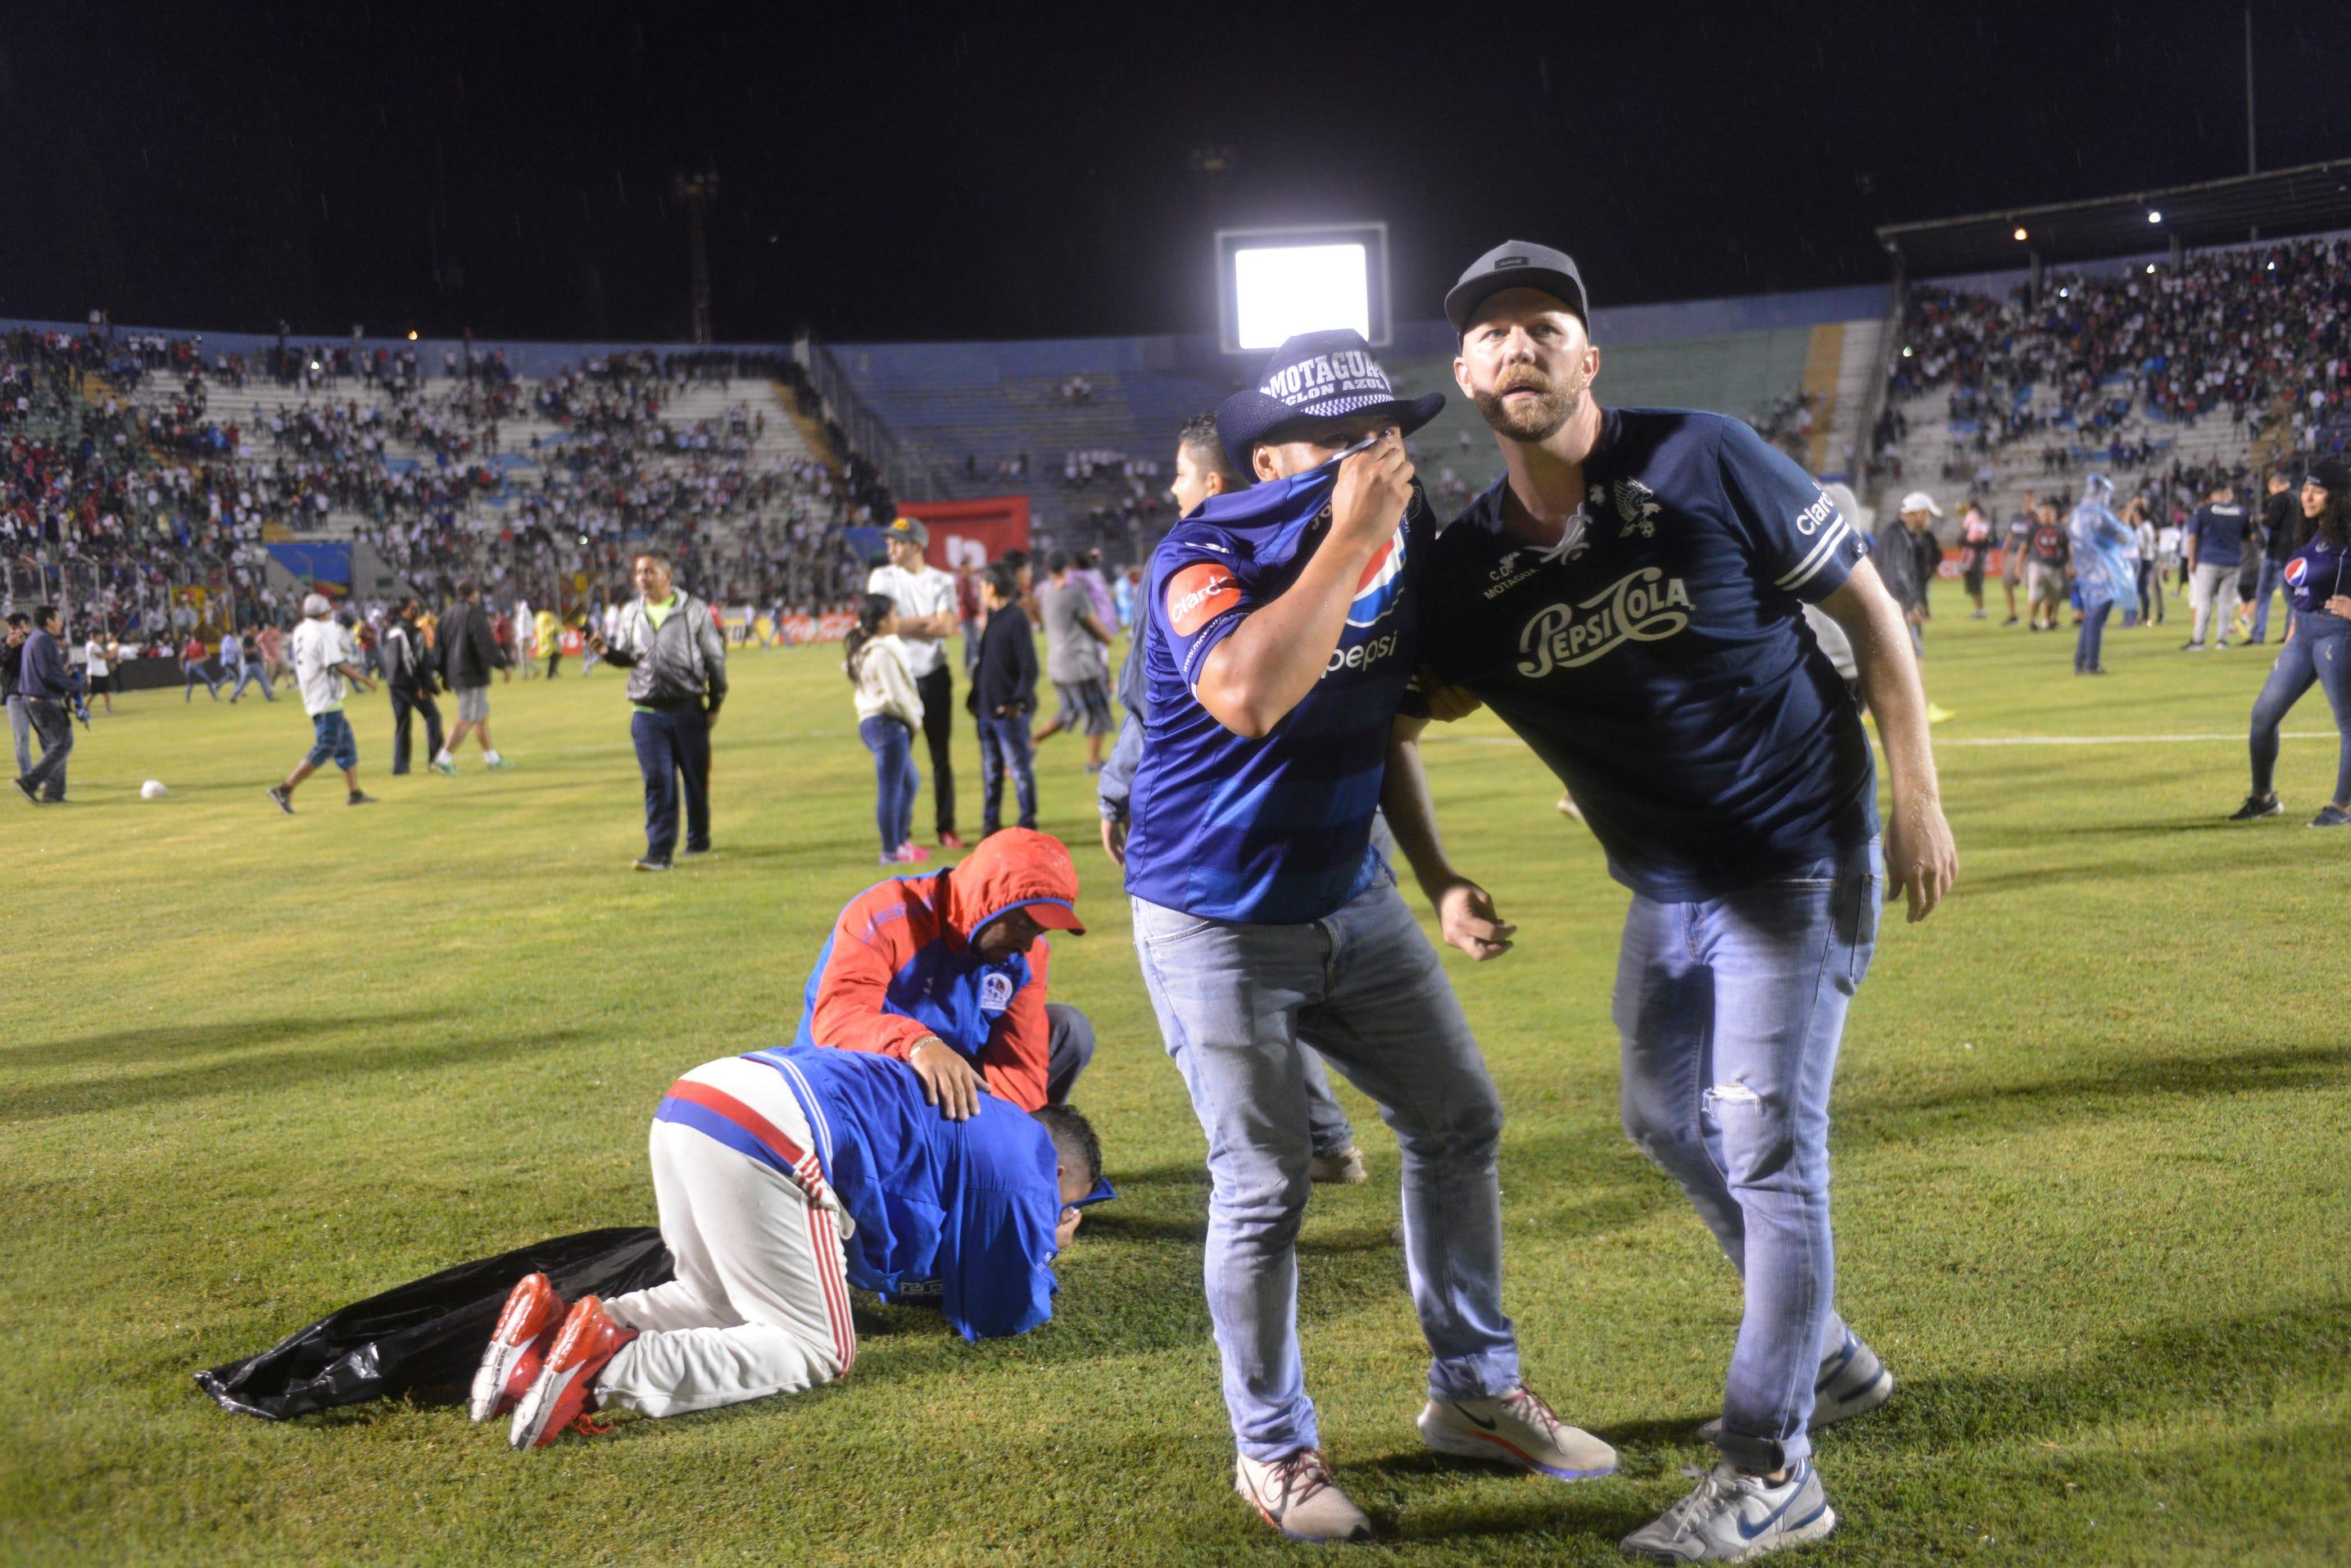 Four dead as rival fans riot at Honduras soccer game